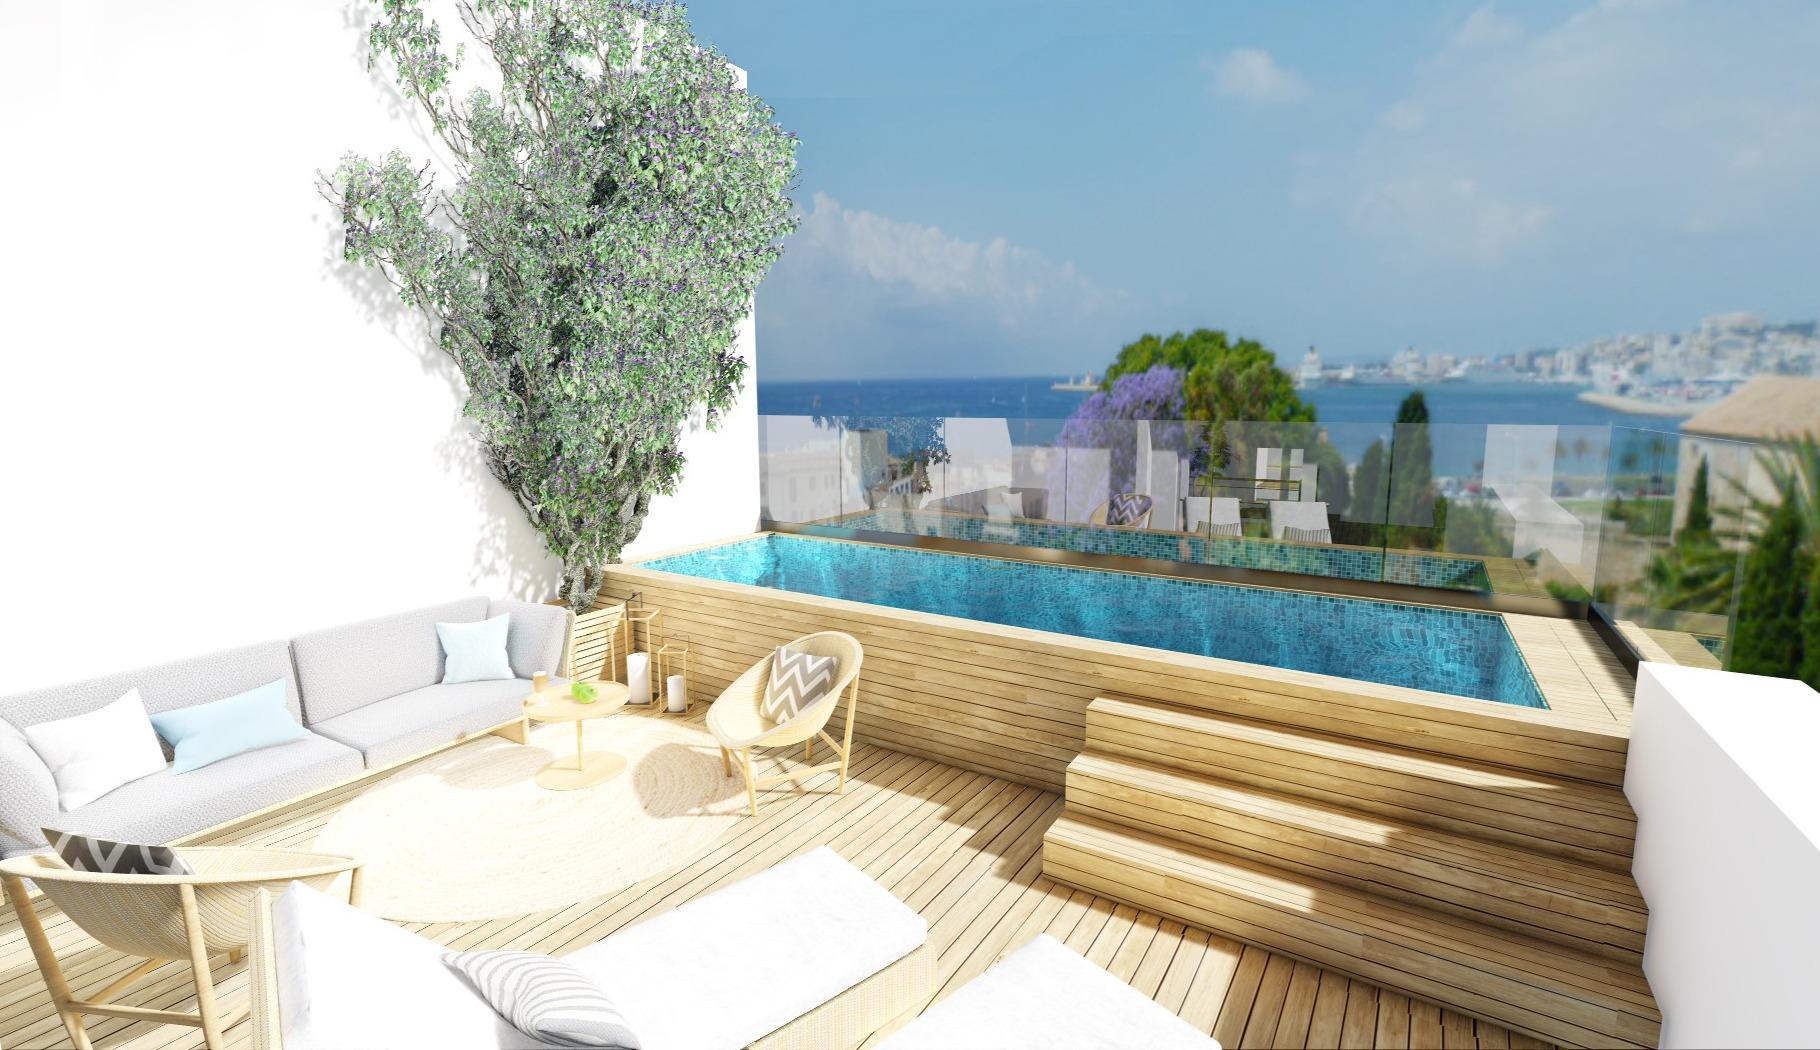 Fantastischer Blick von der Poolterrasse auf die Bucht von Palma de Mallorca